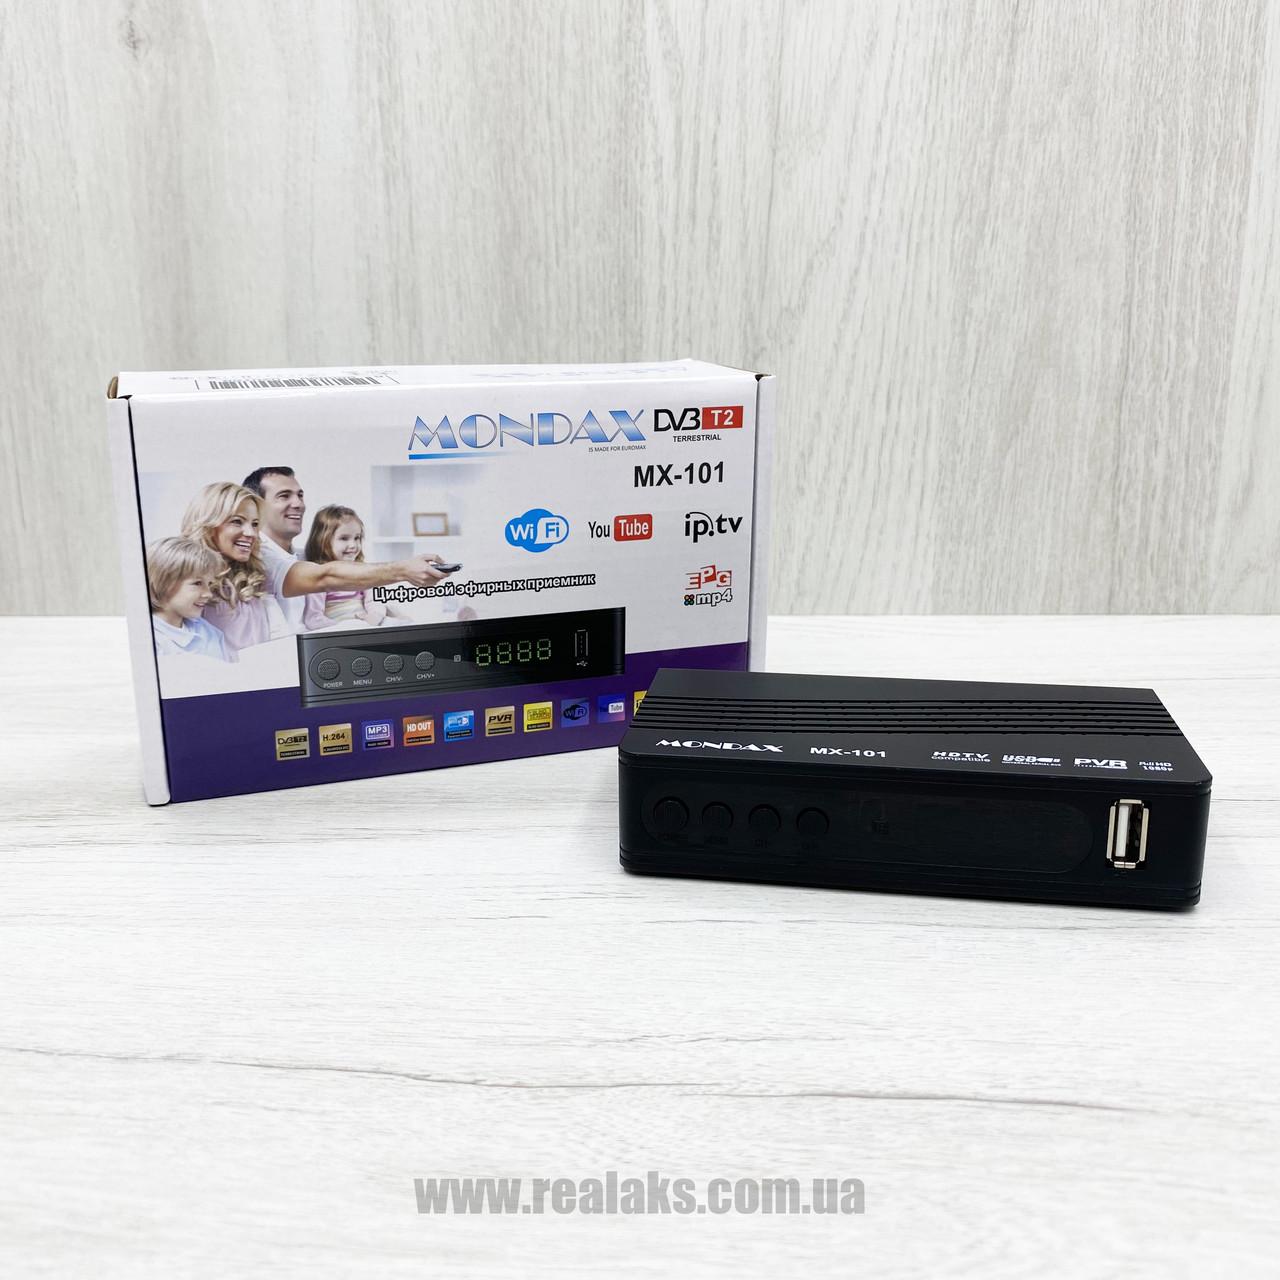 Цифровой эфирный ресивер T2 Mondax MX-101